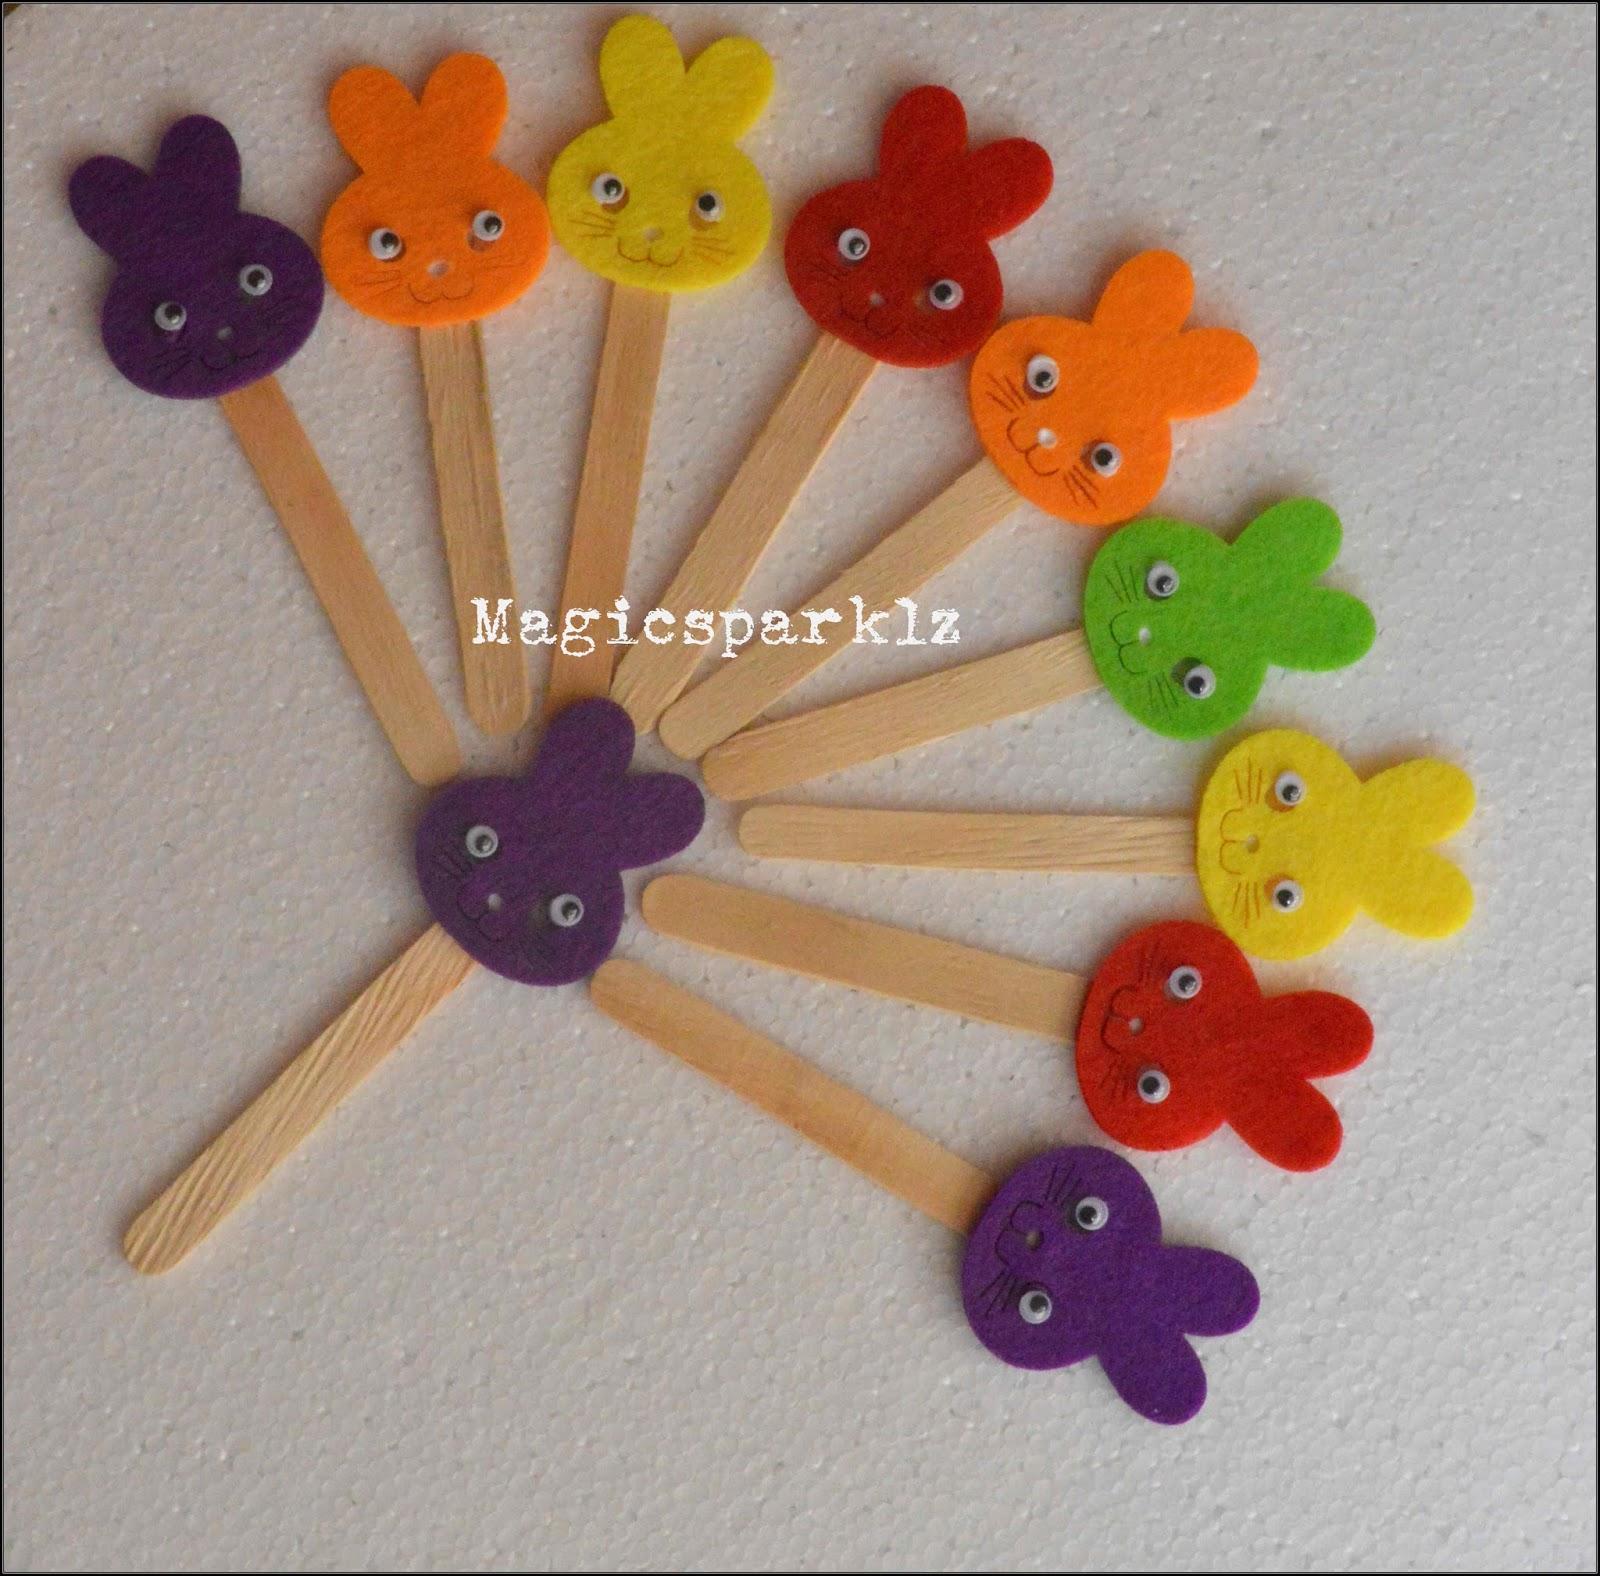 Magic Sparklz Diy Cute Foam Popsicle Stick Bookmark